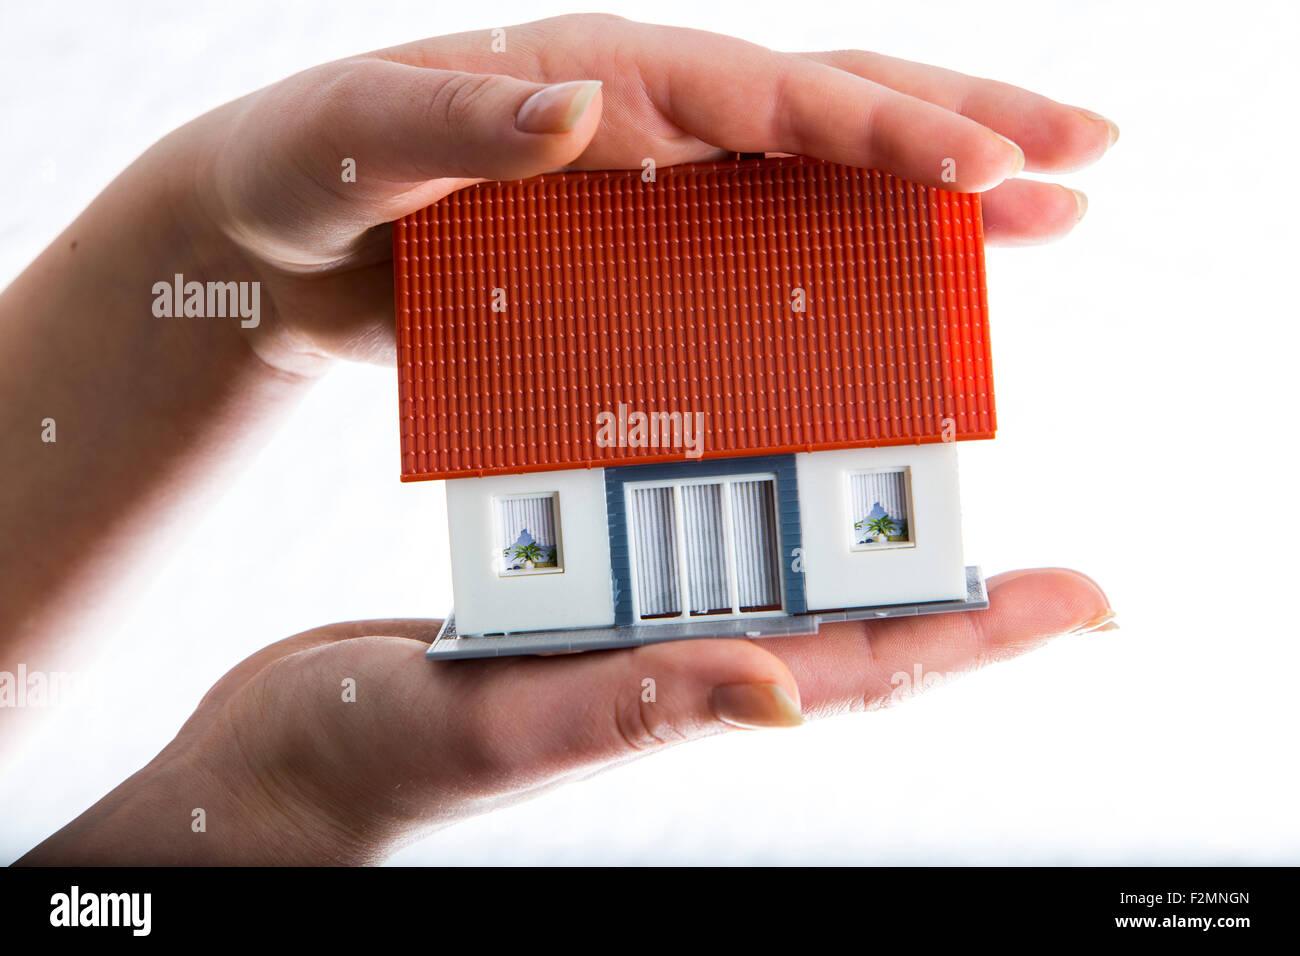 Image symbolique, maison privée, l'immobilier, de protection, d'un coffre-fort, sécurité Photo Stock